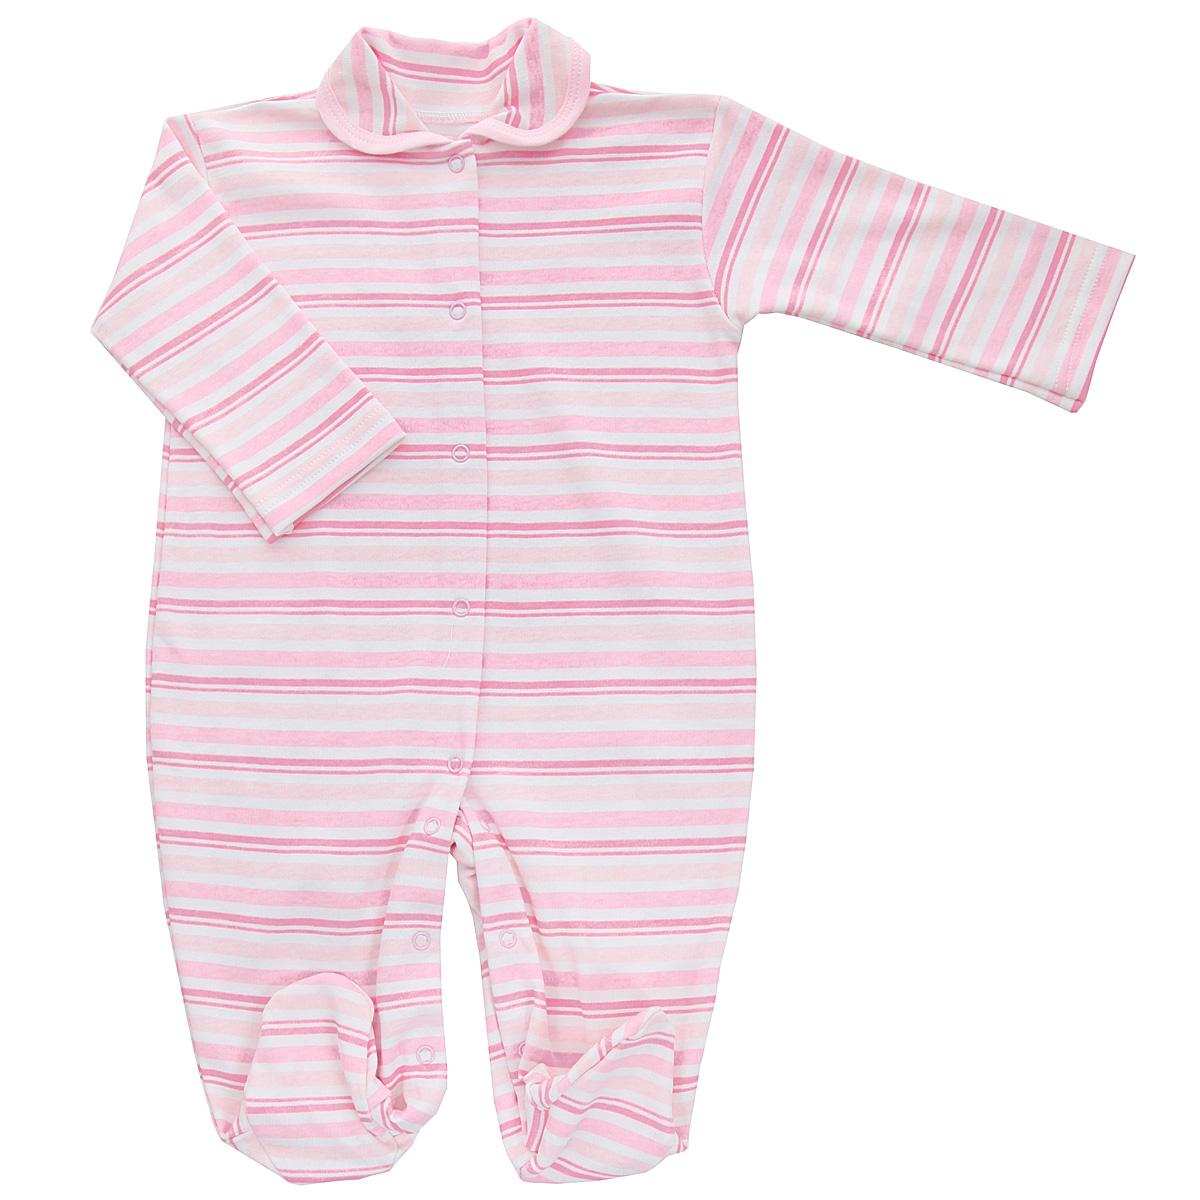 Комбинезон детский Трон-плюс, цвет: розовый, белый. 5815_полоска. Размер 56, 1 месяц